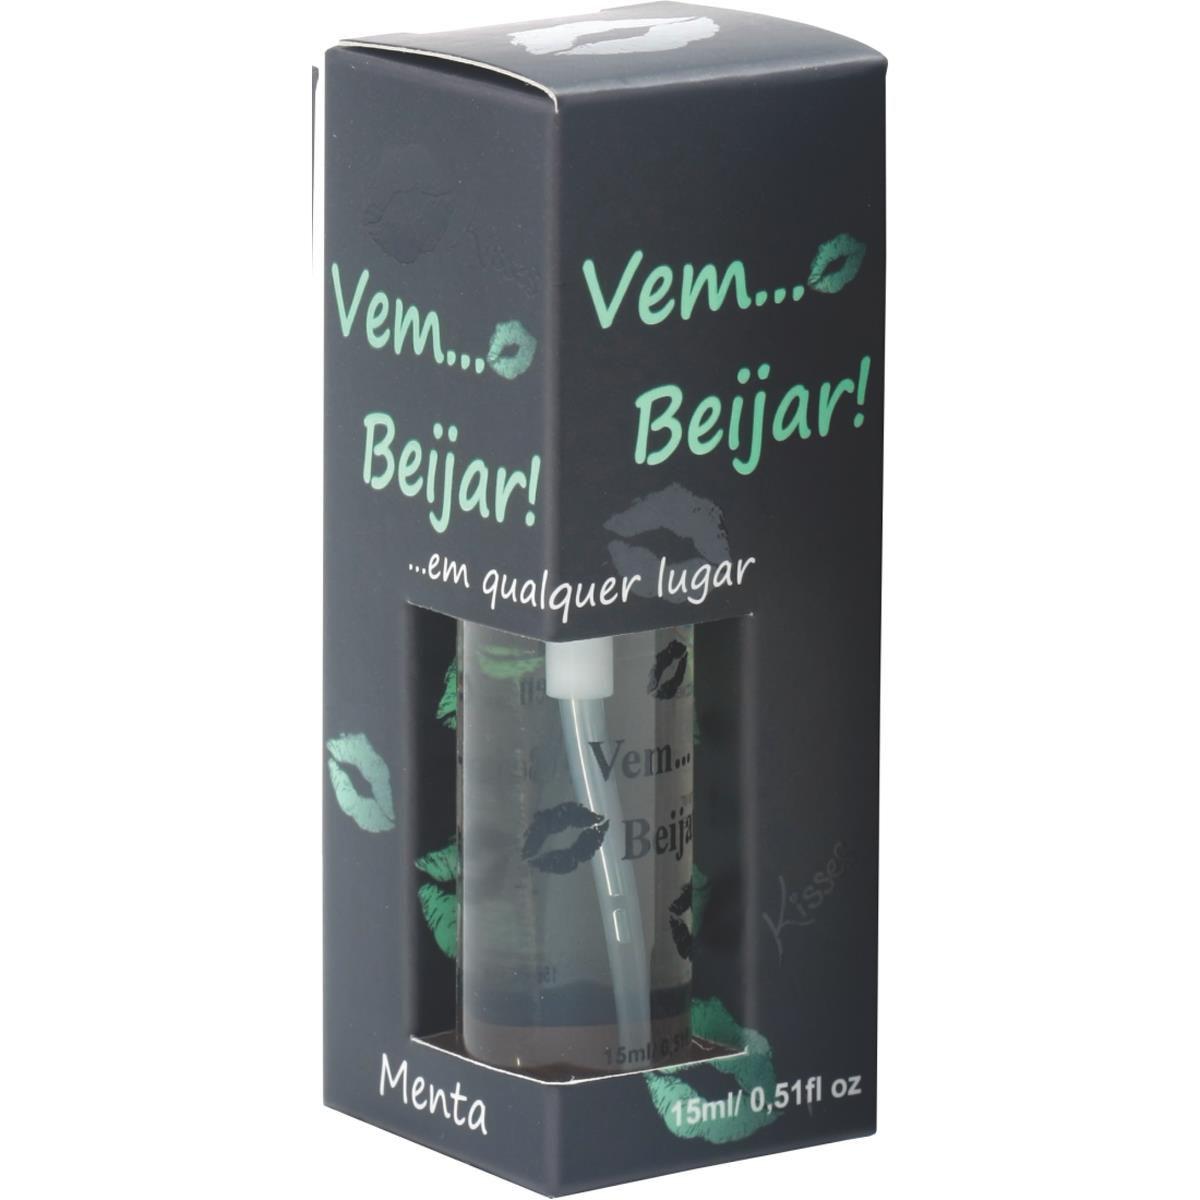 Vem Beijar Menta   - RMCE BRAZIL